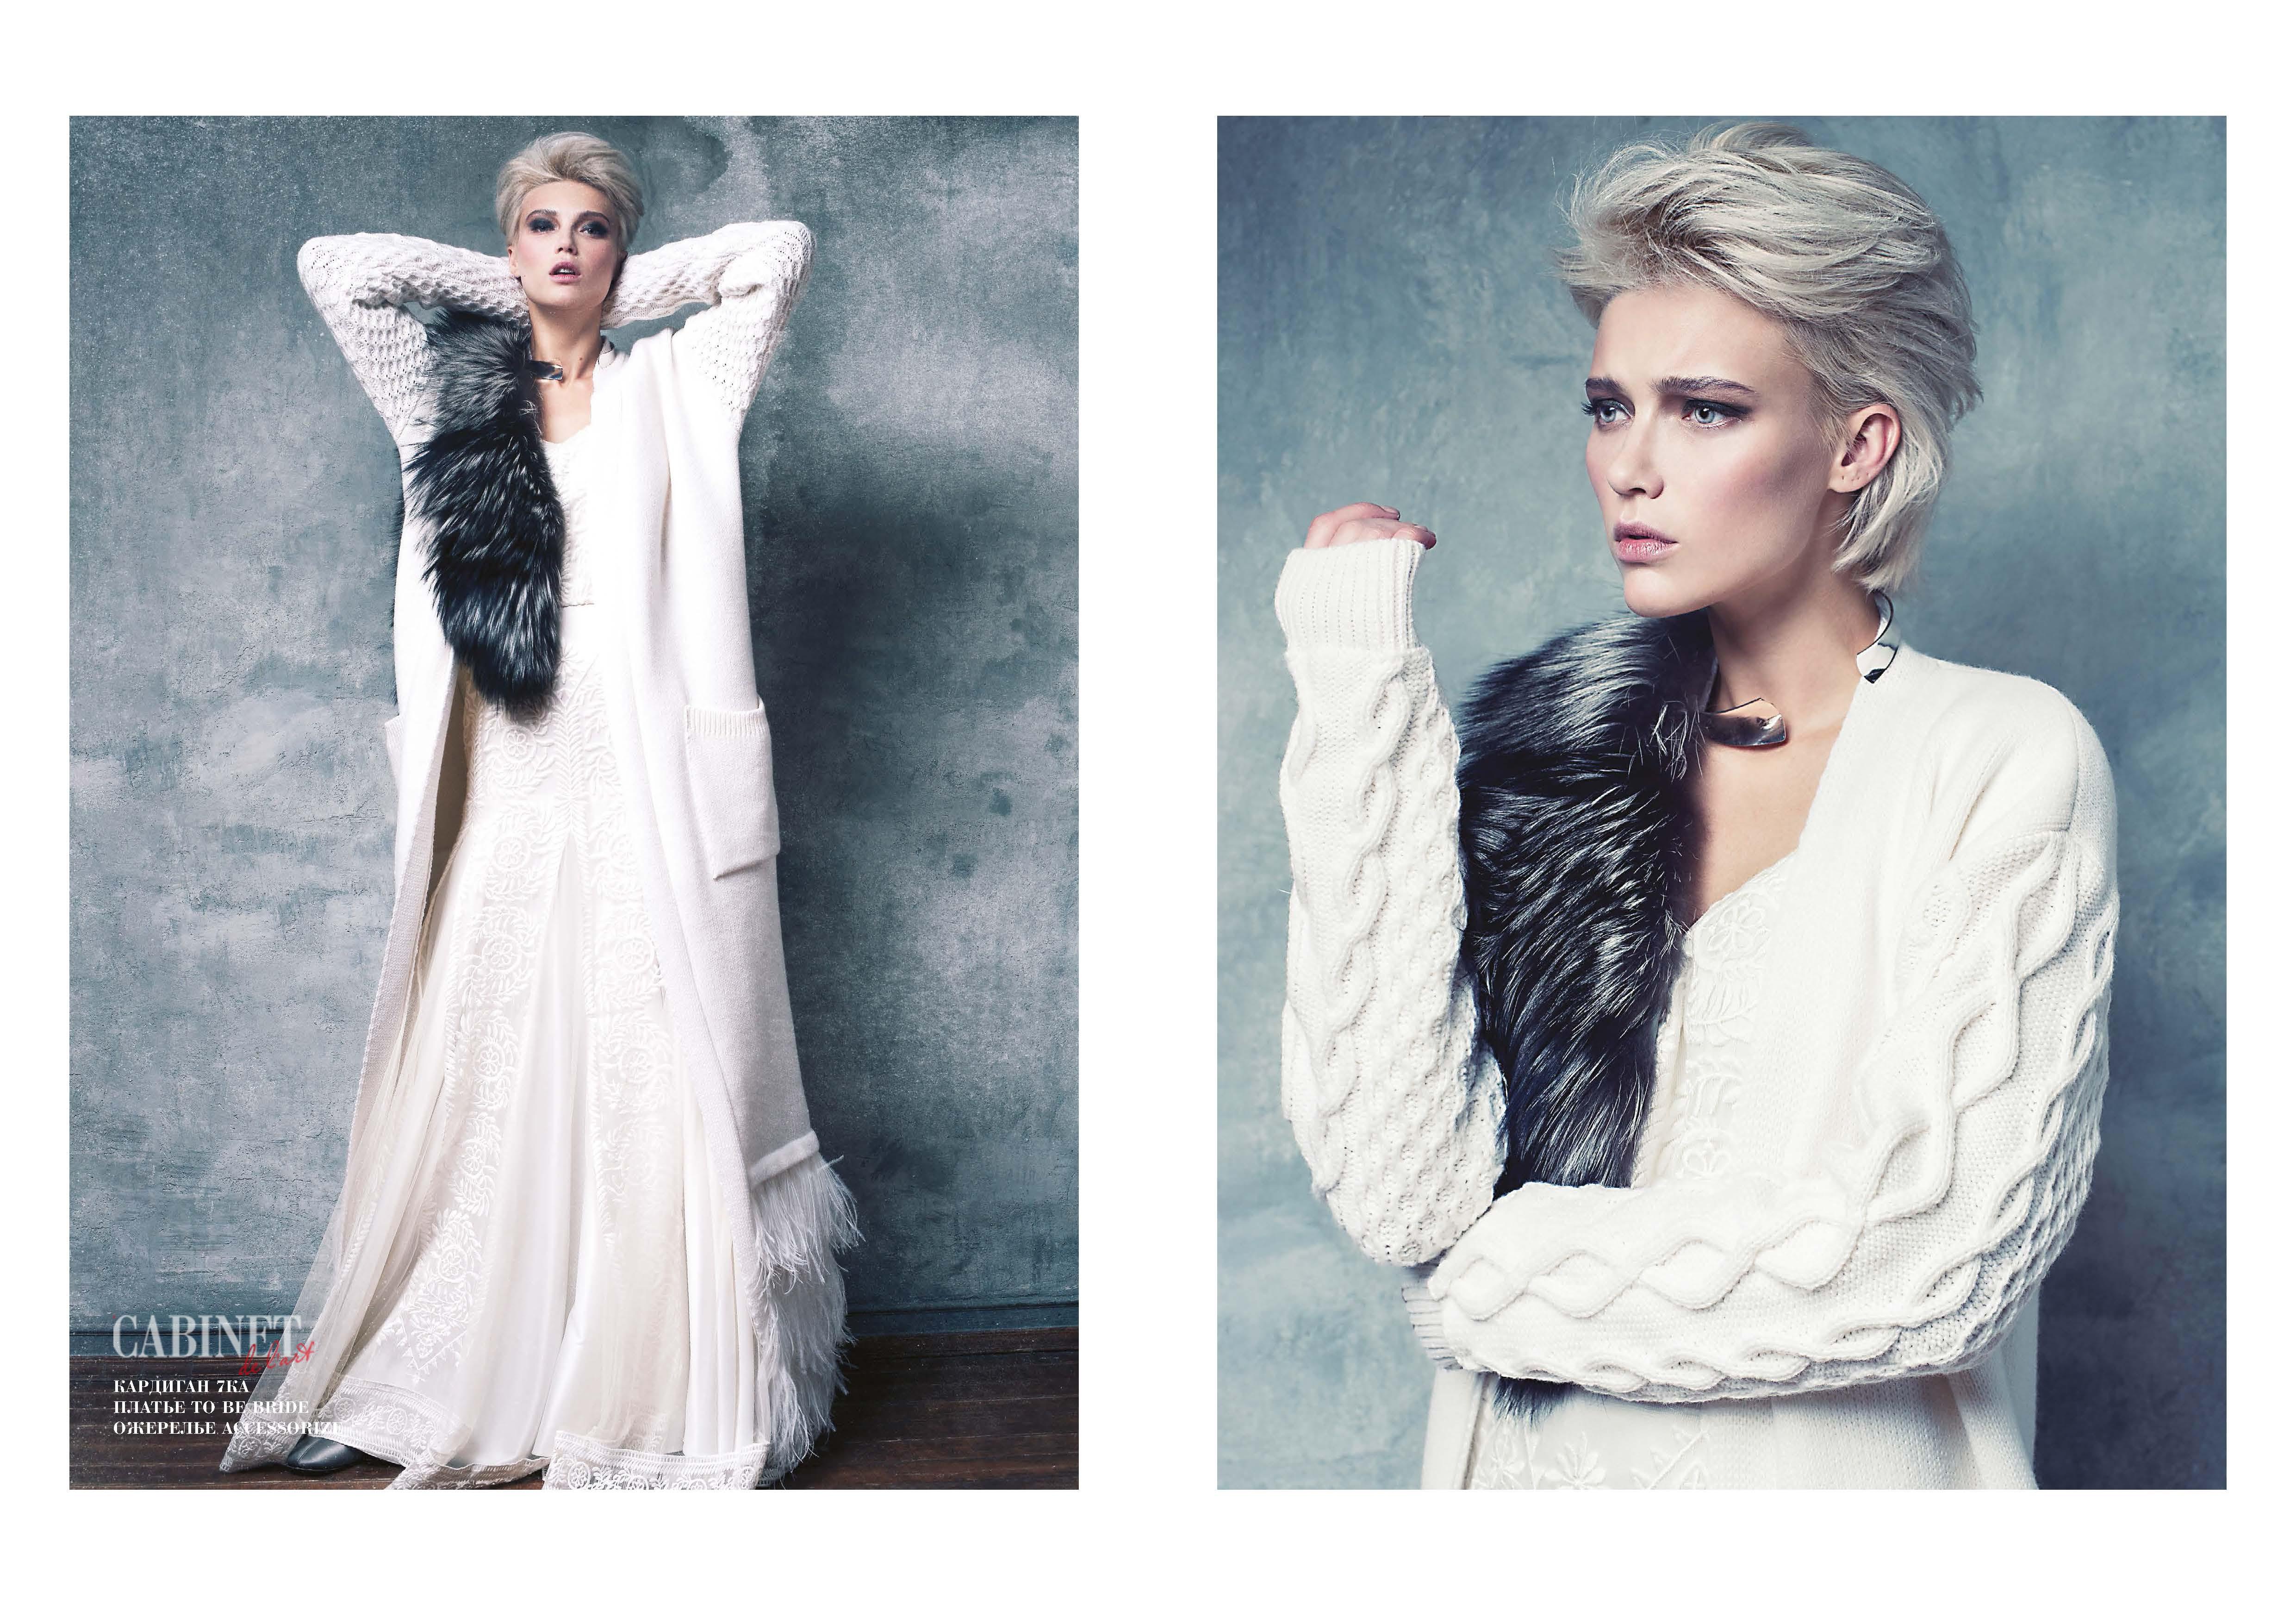 Кардиган 7КА, платье To Be Bride, ожерелье Accessorize.